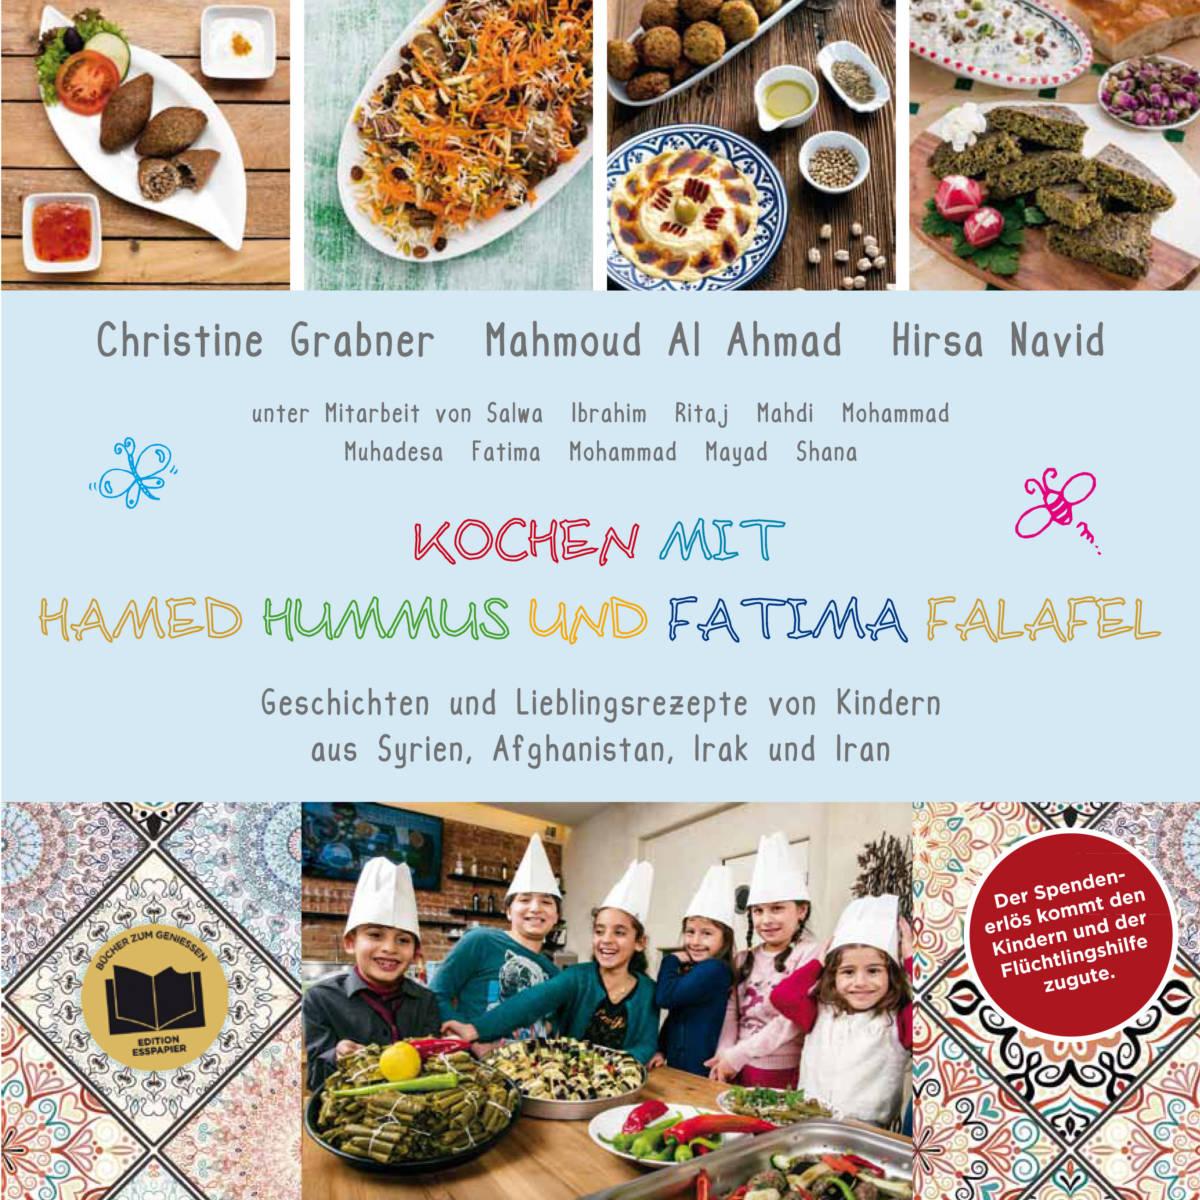 Kochen mit Hamed Hummus und Fatima Falafel